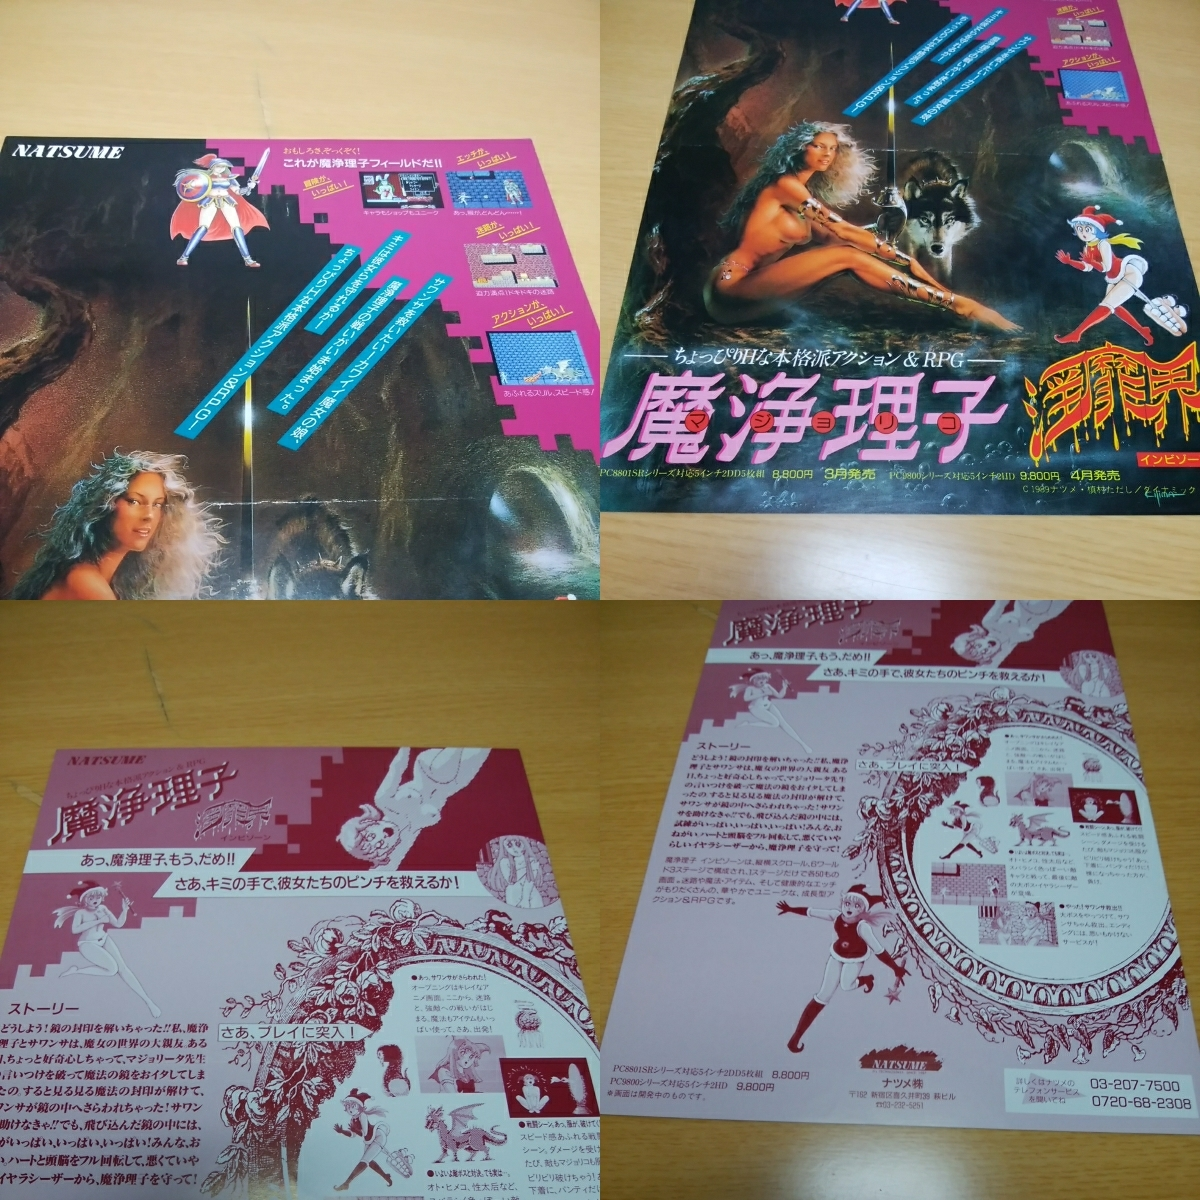 マジョリコ 魔浄理子 PC-8801 チラシ 販促 美品 レア ゲーム ナツメ NATSUME_画像3